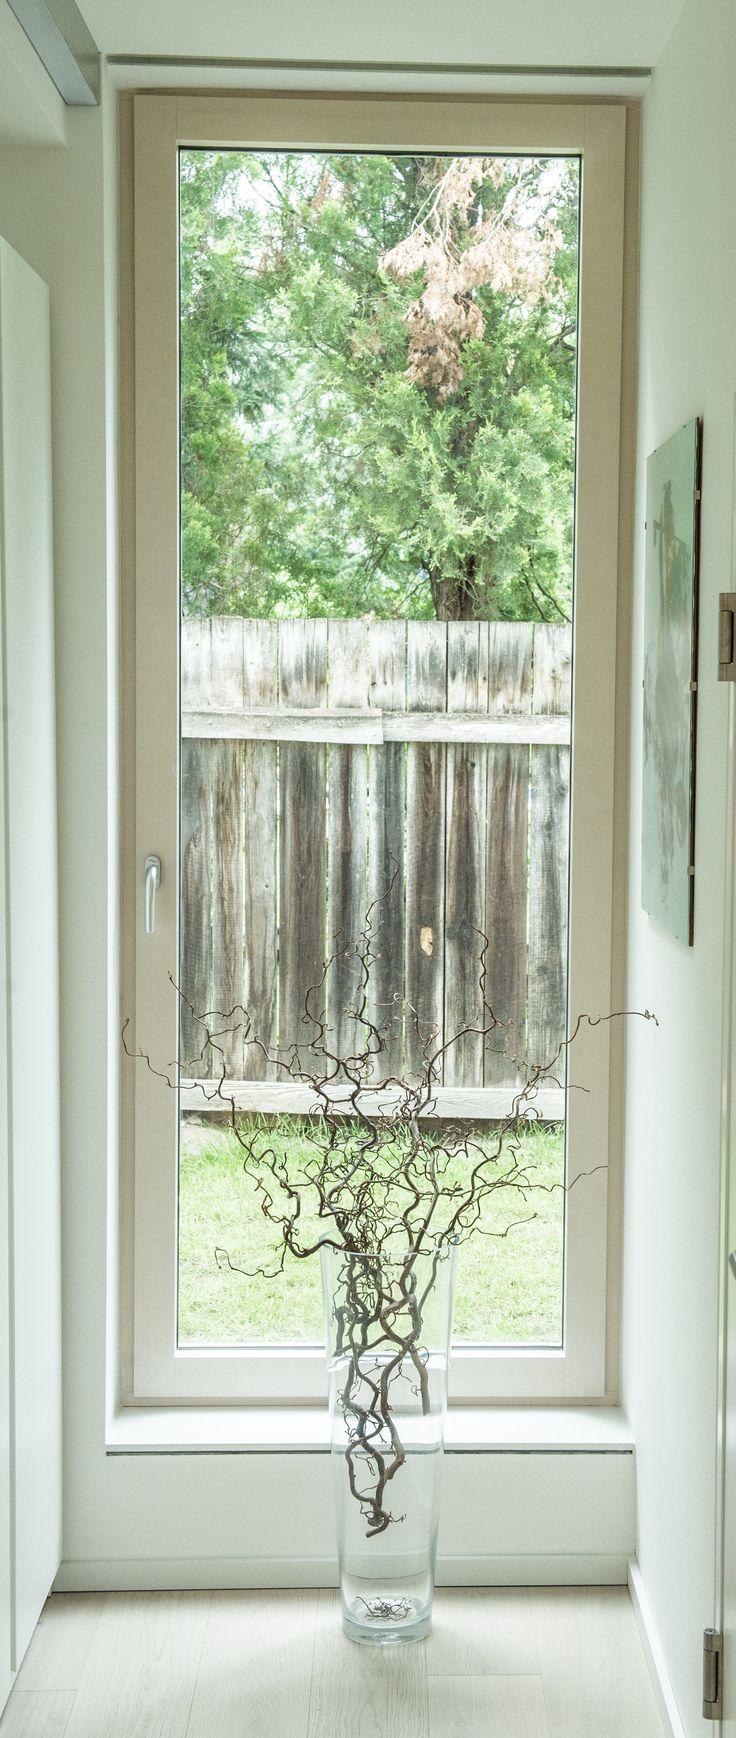 Lichtdurchflutete Flure  Licht ist eines der wesentlichen Elemente in einem Haus. In diesem Fall ist das schlichte Fenster perfekt in das helle Ambiente des Hauses eingebunden worden um möglichst viel Licht zuzulassen. Das elegante Design des Fensters unterstreicht den Stil der gesamten Einrichtung.